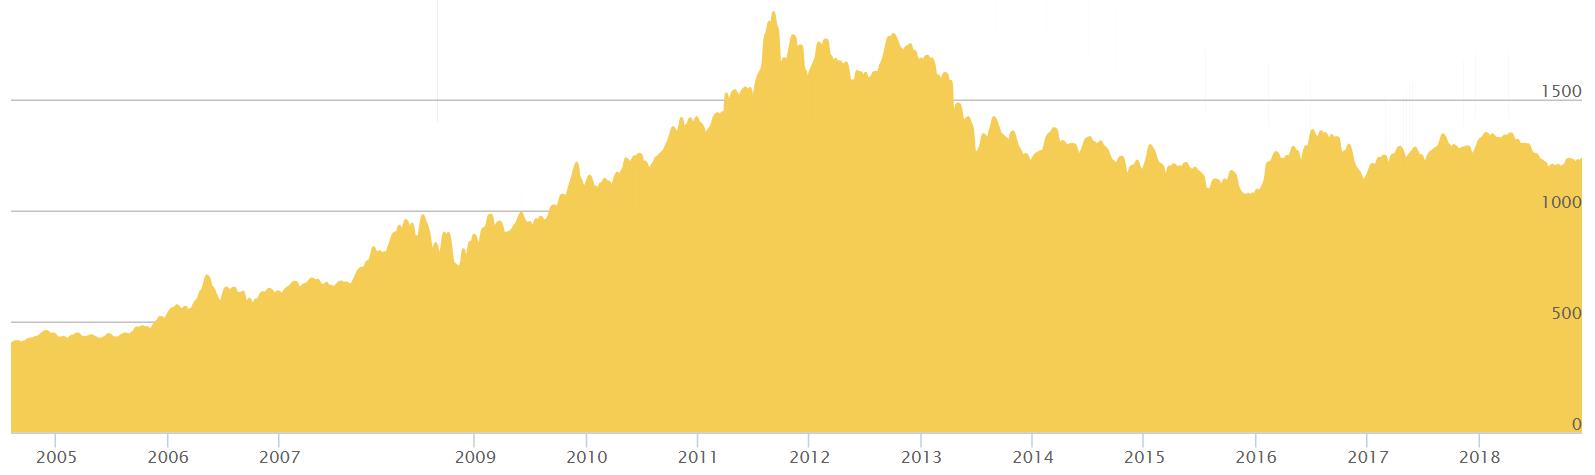 cena zlota w ostatniej dekadzie